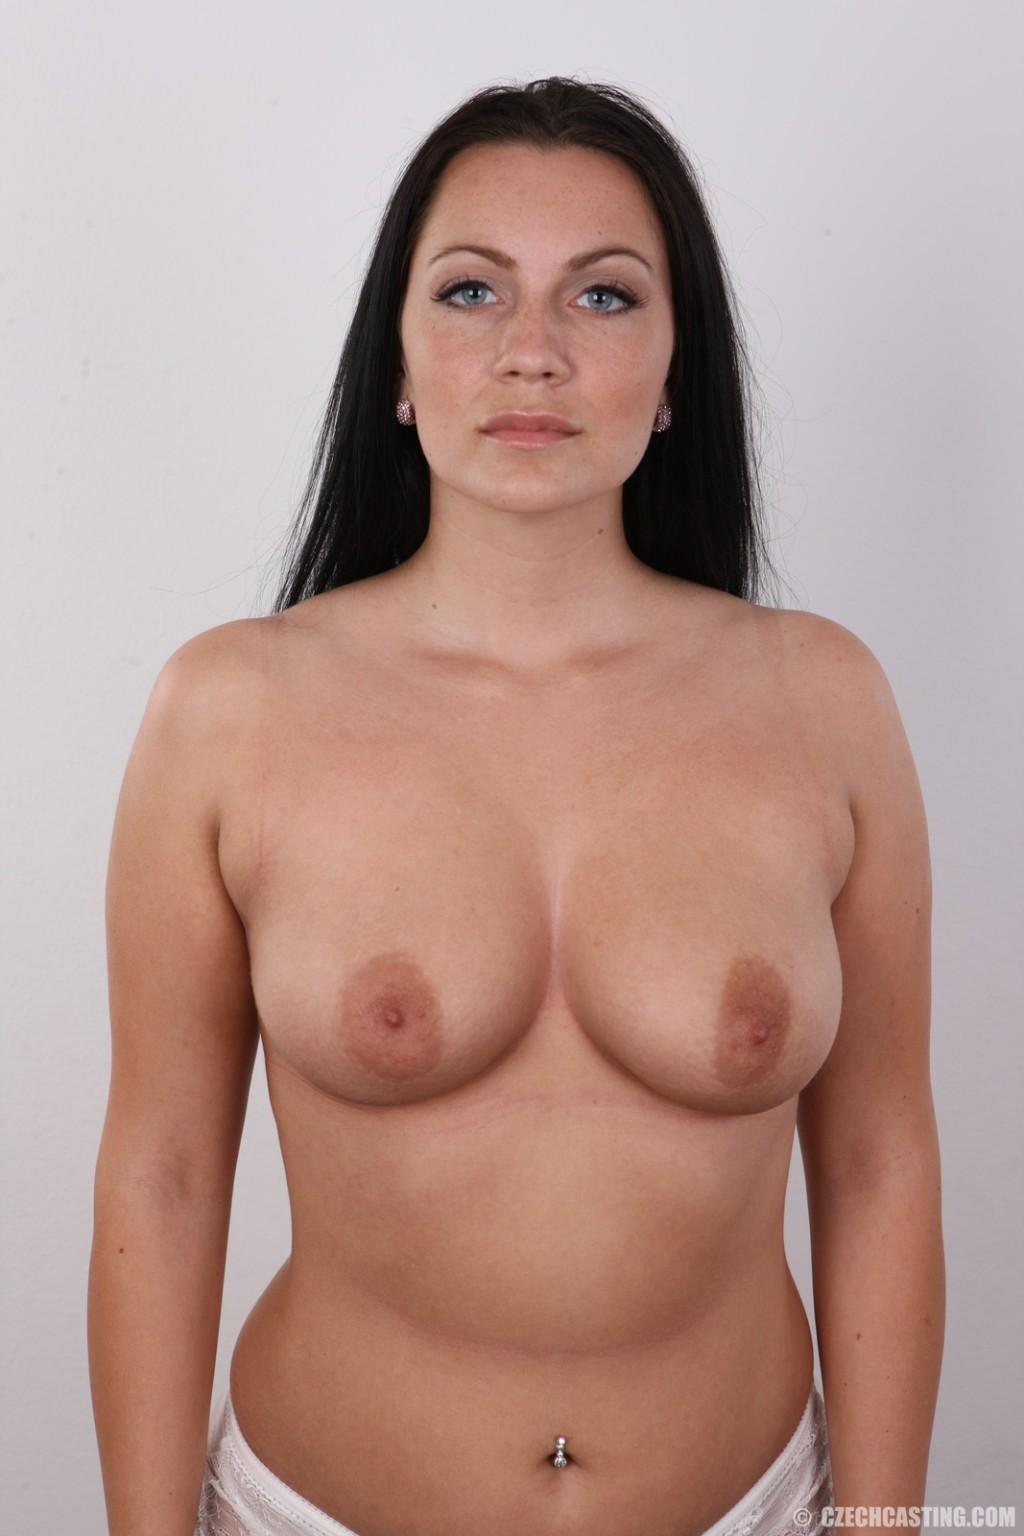 Красивая брюнетка с натуральными дойками на фото кастинге в порно бизнес